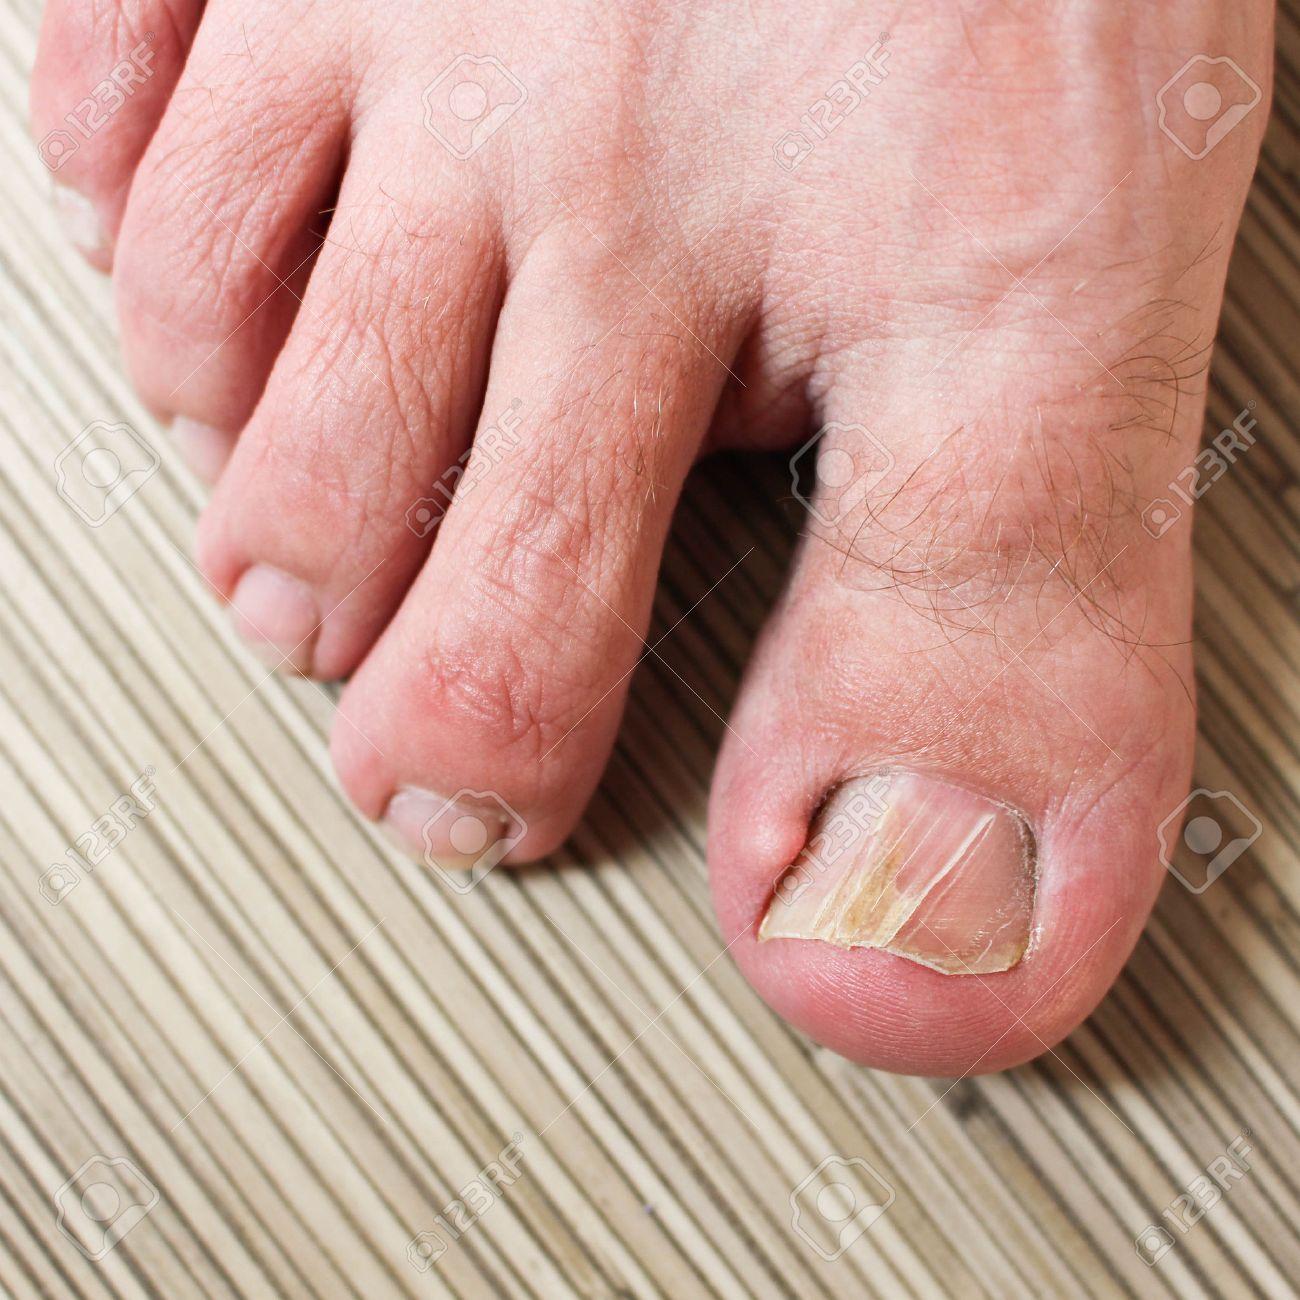 как успокоить боль от вросшего ногтя